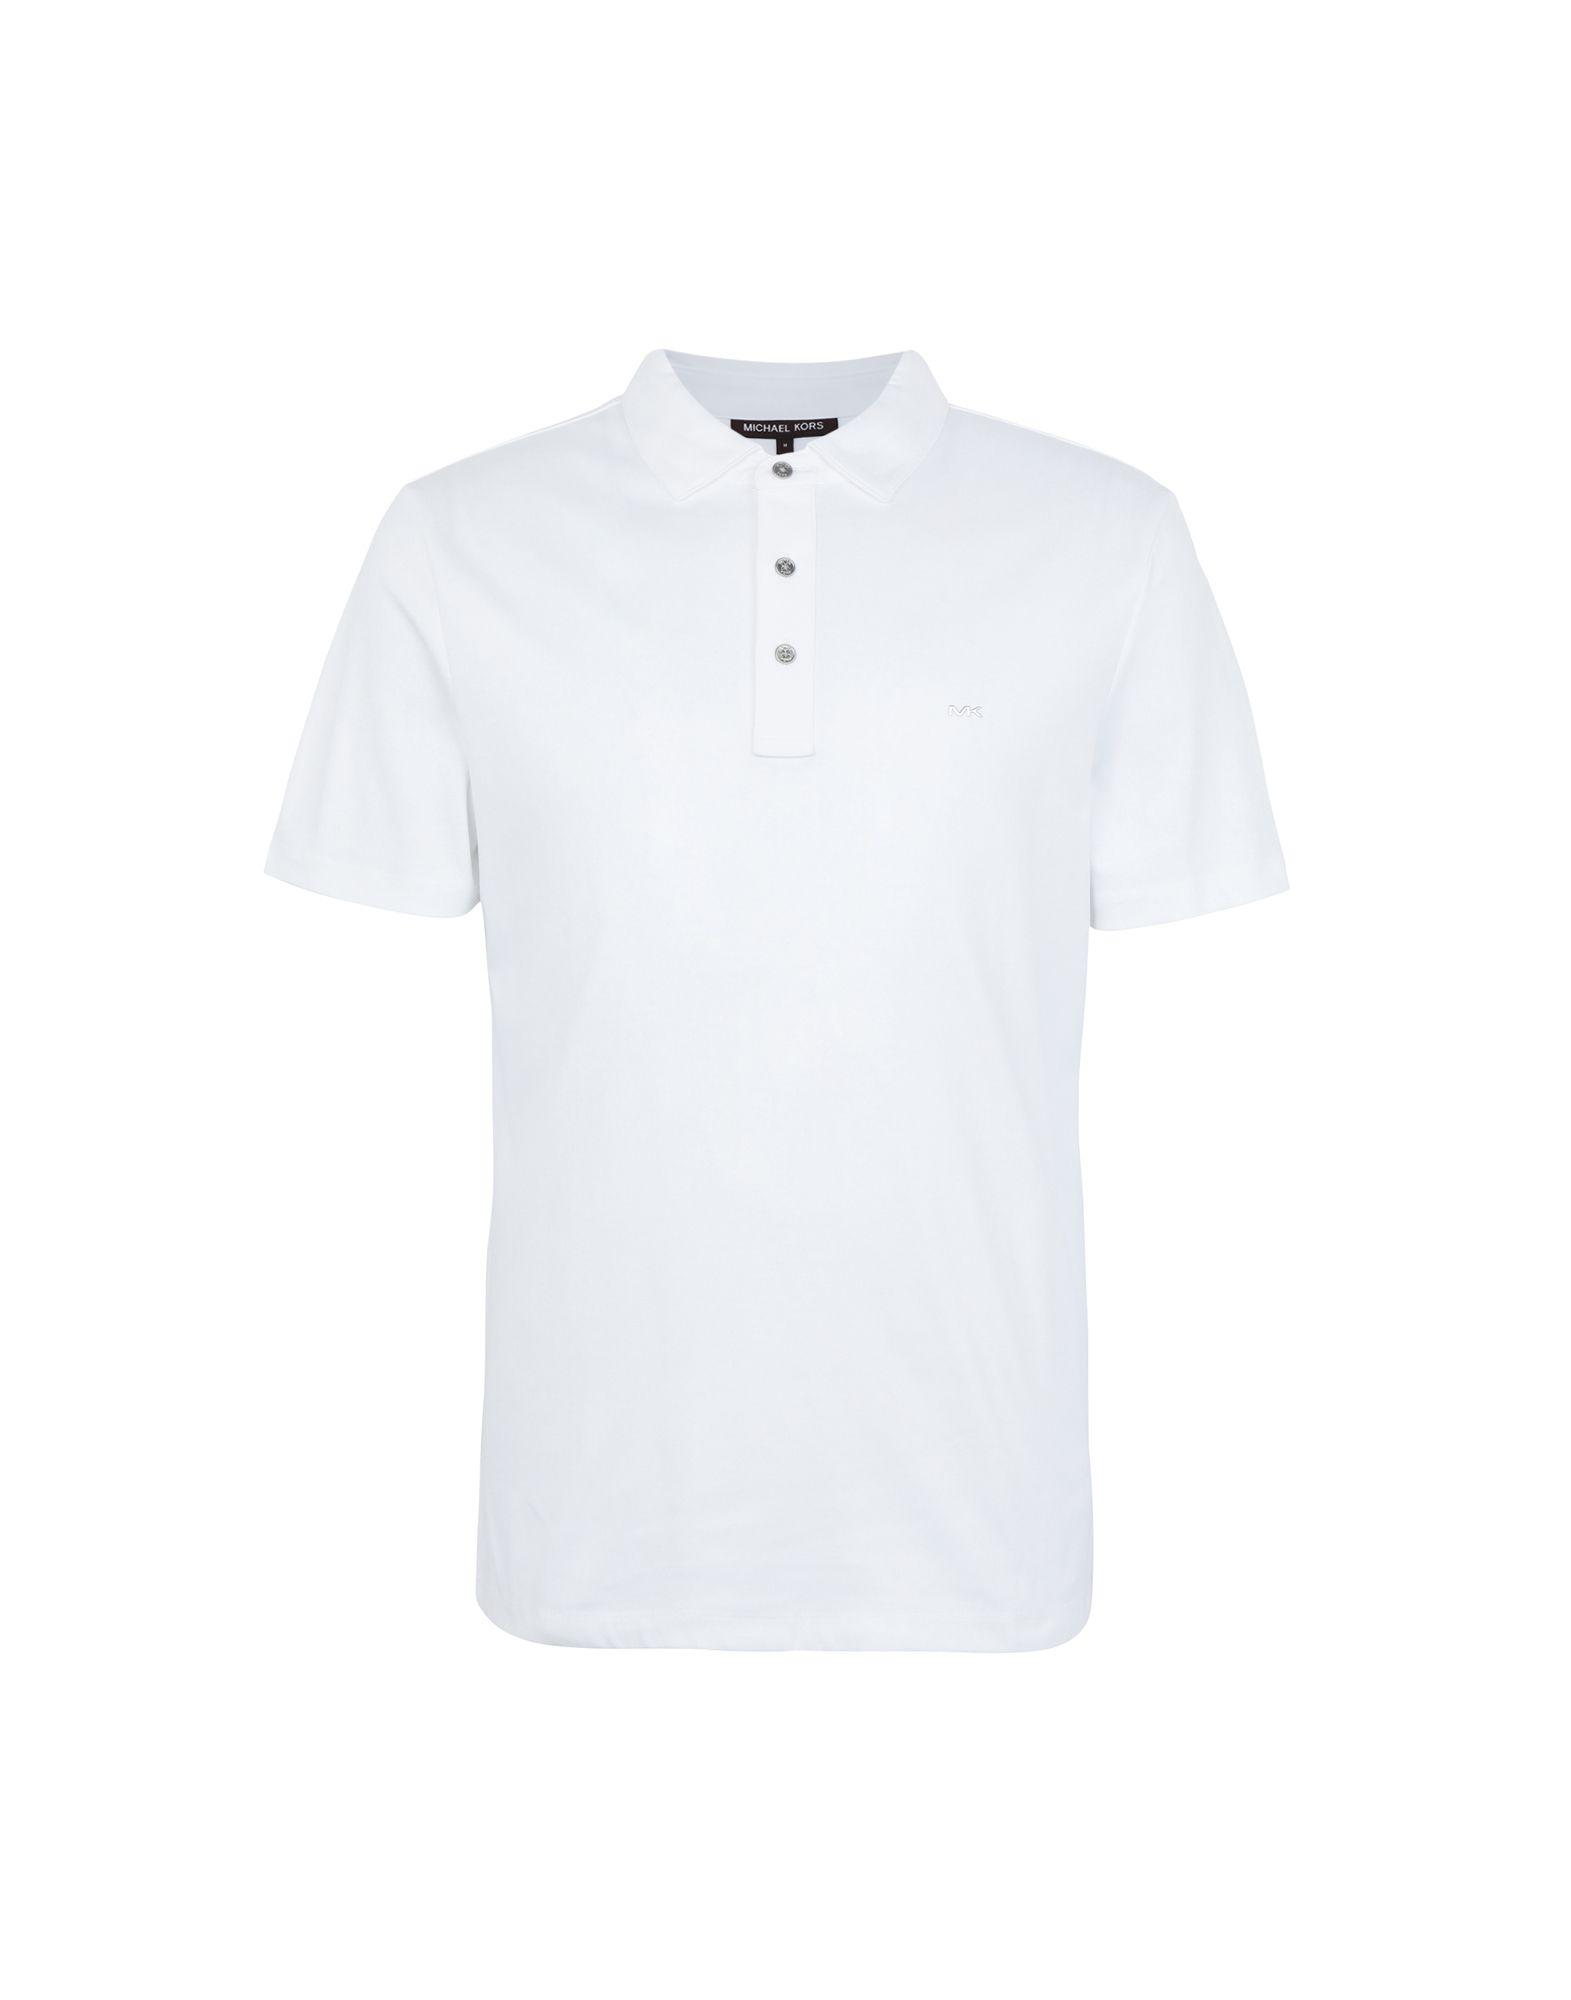 1a8de897 Michael Kors Sleek Mk Polo - Polo Shirt - Men Michael Kors Polo ...